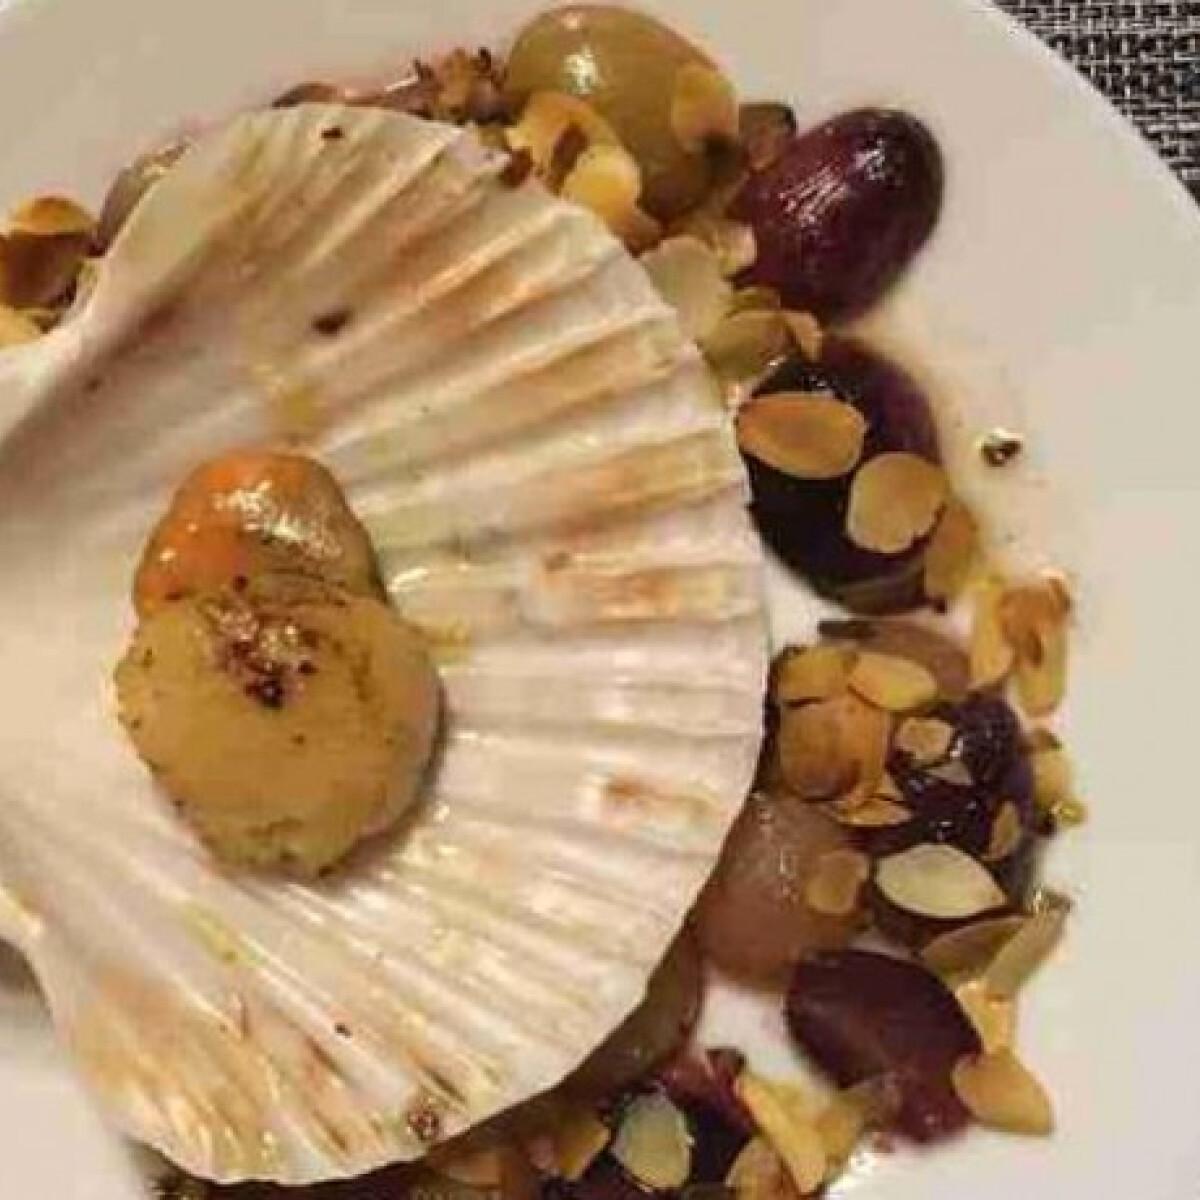 Sült kagyló pirított mandulával és szőlővel